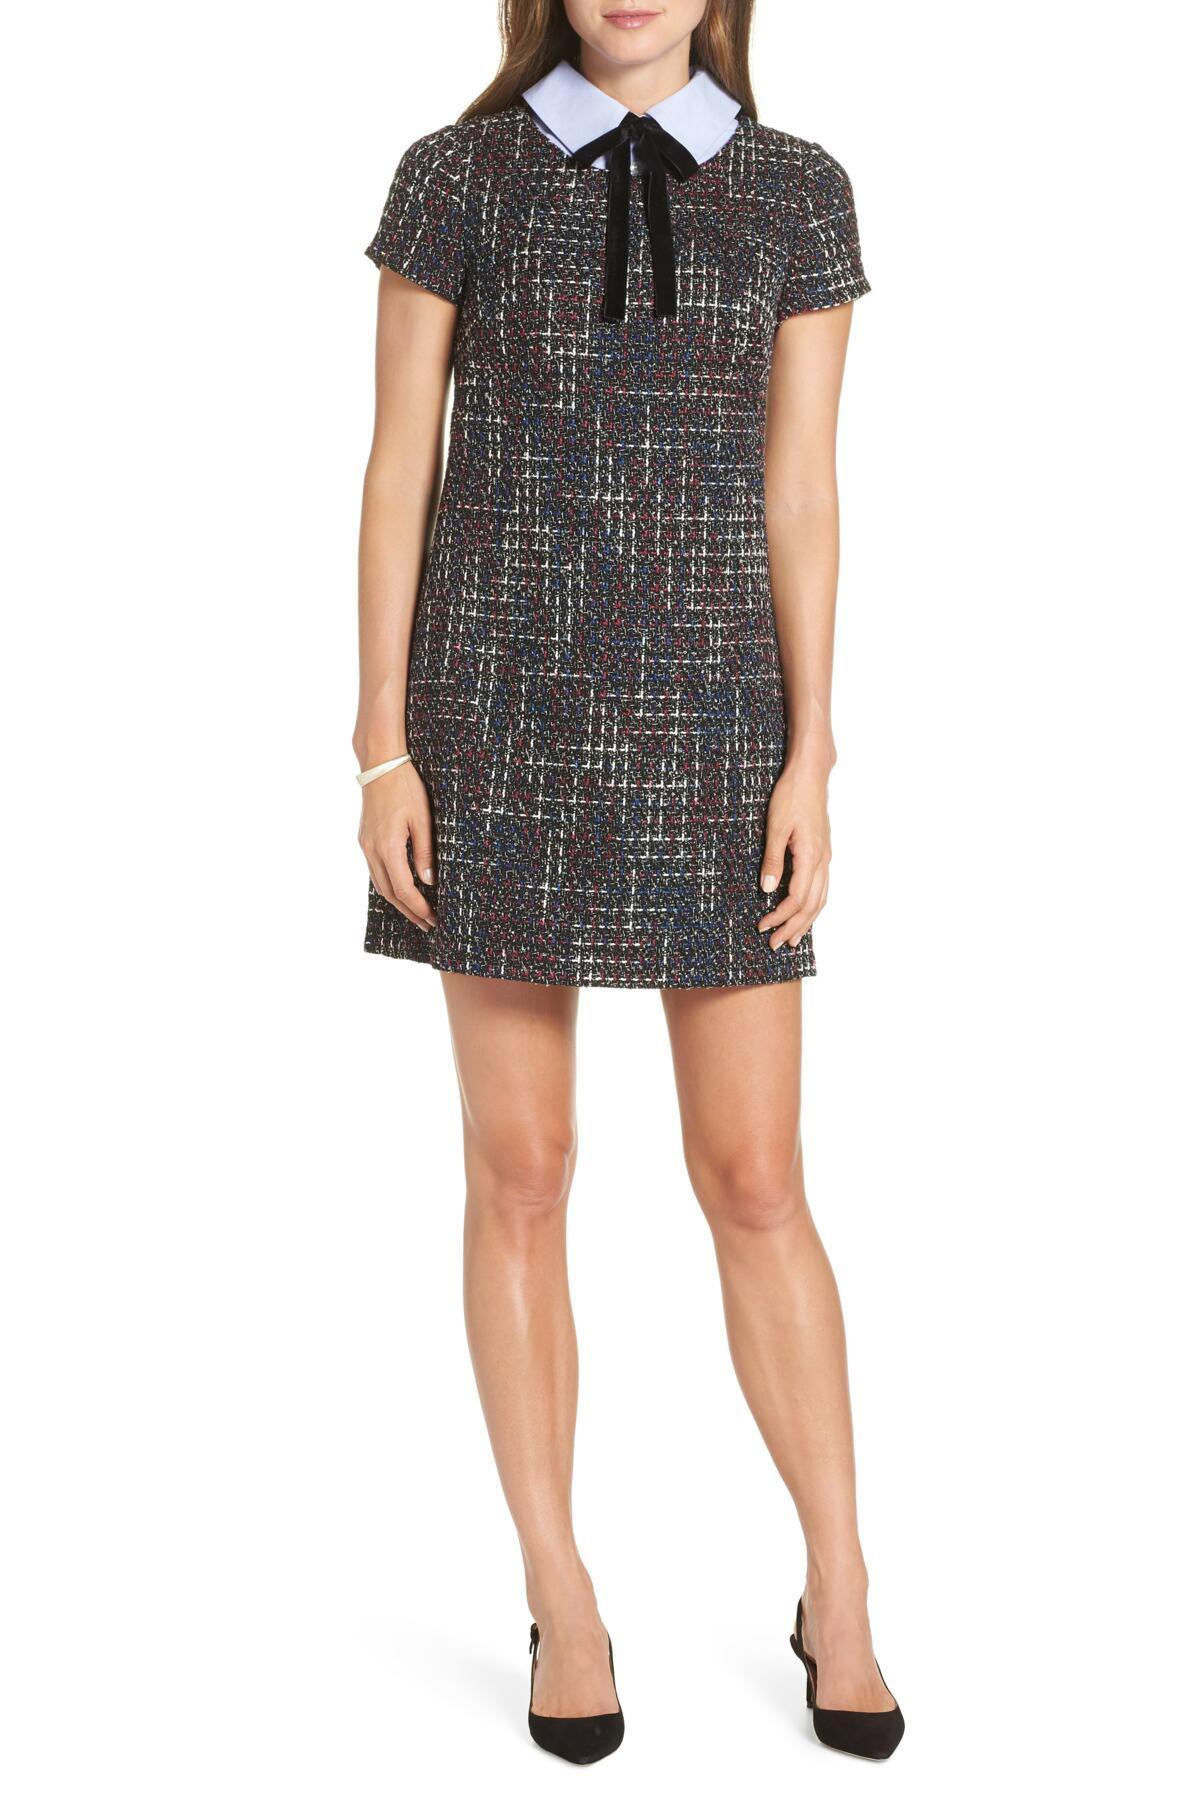 554198d044f Lyst - 1901 Tweed Shift Dress in Black